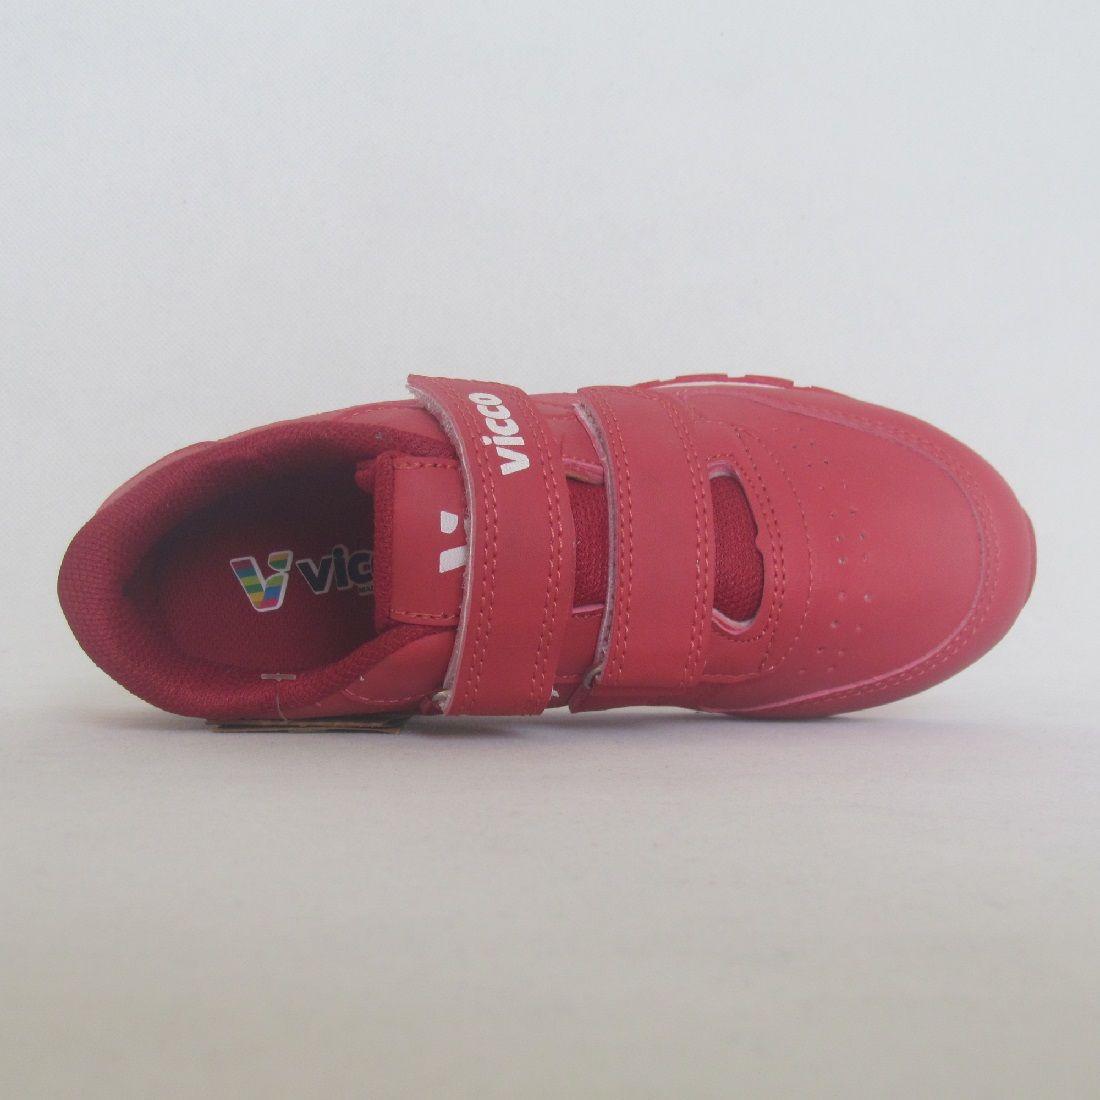 کفش مخصوص پیاده روی ویکو مدل 938.149 -  - 6